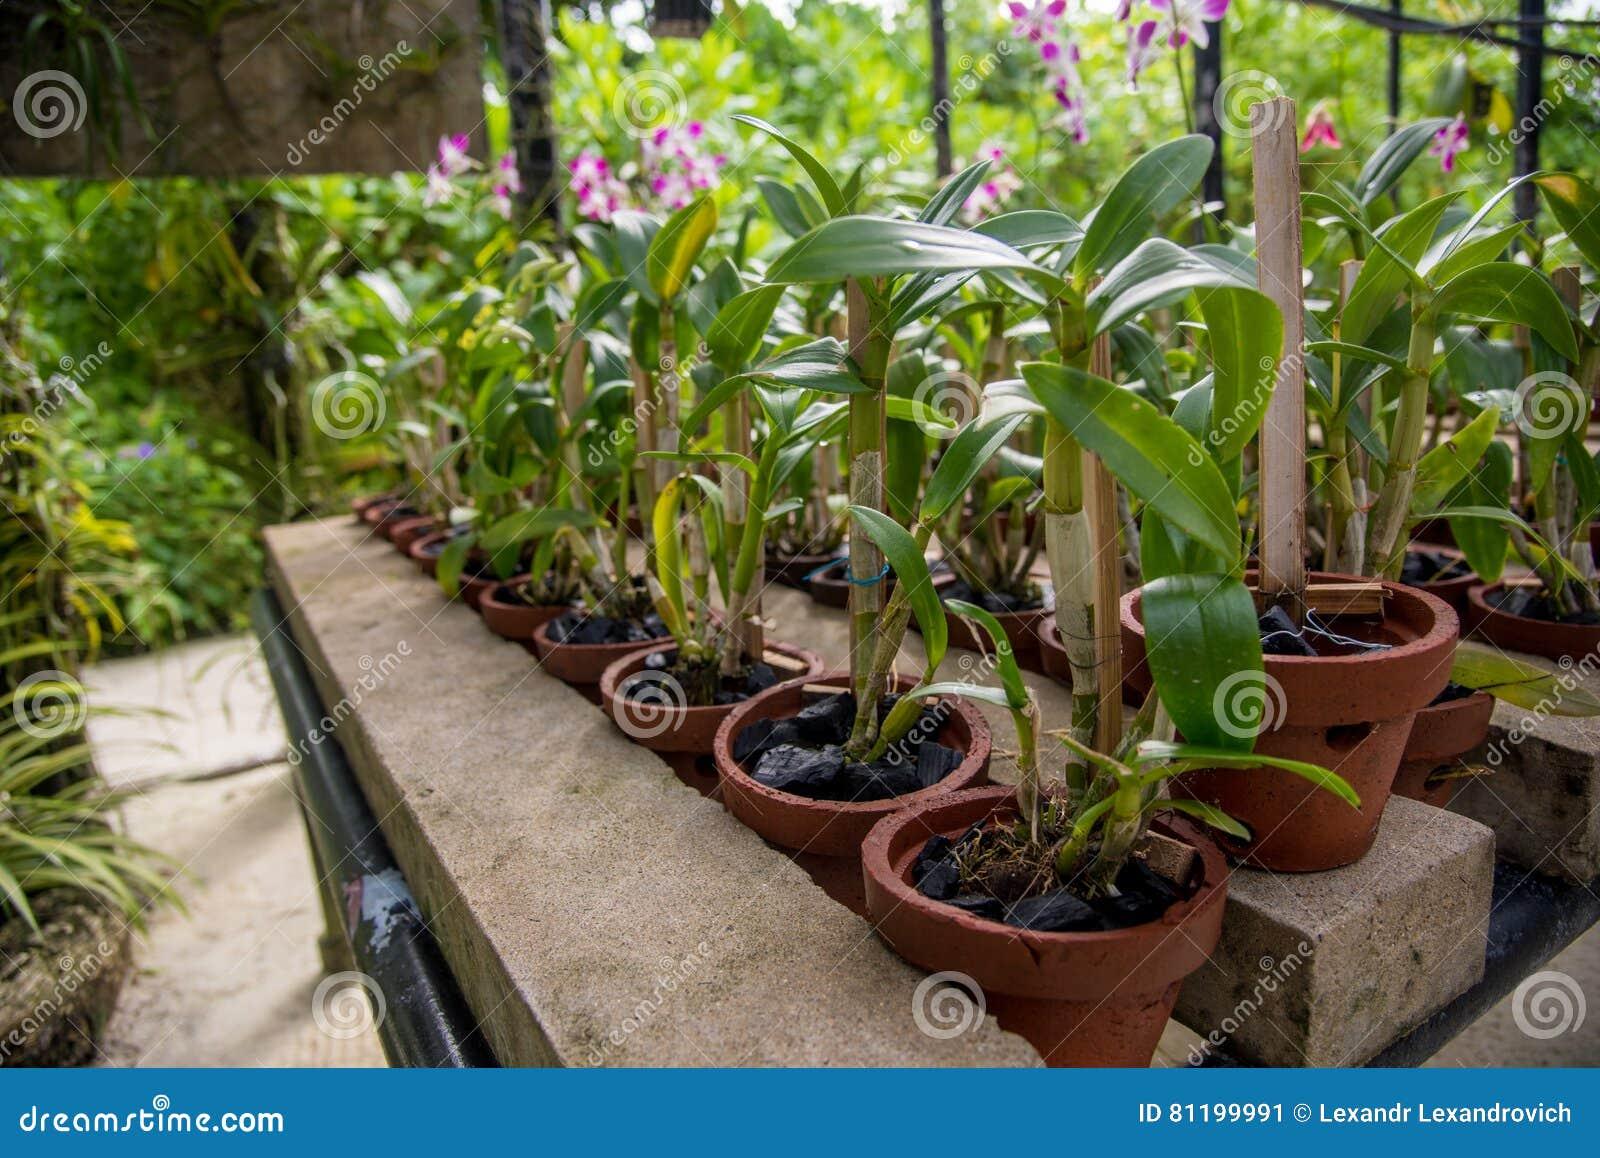 L\'orchidée Fleurit Dans Les Pots Font Du Jardinage En Serre ...